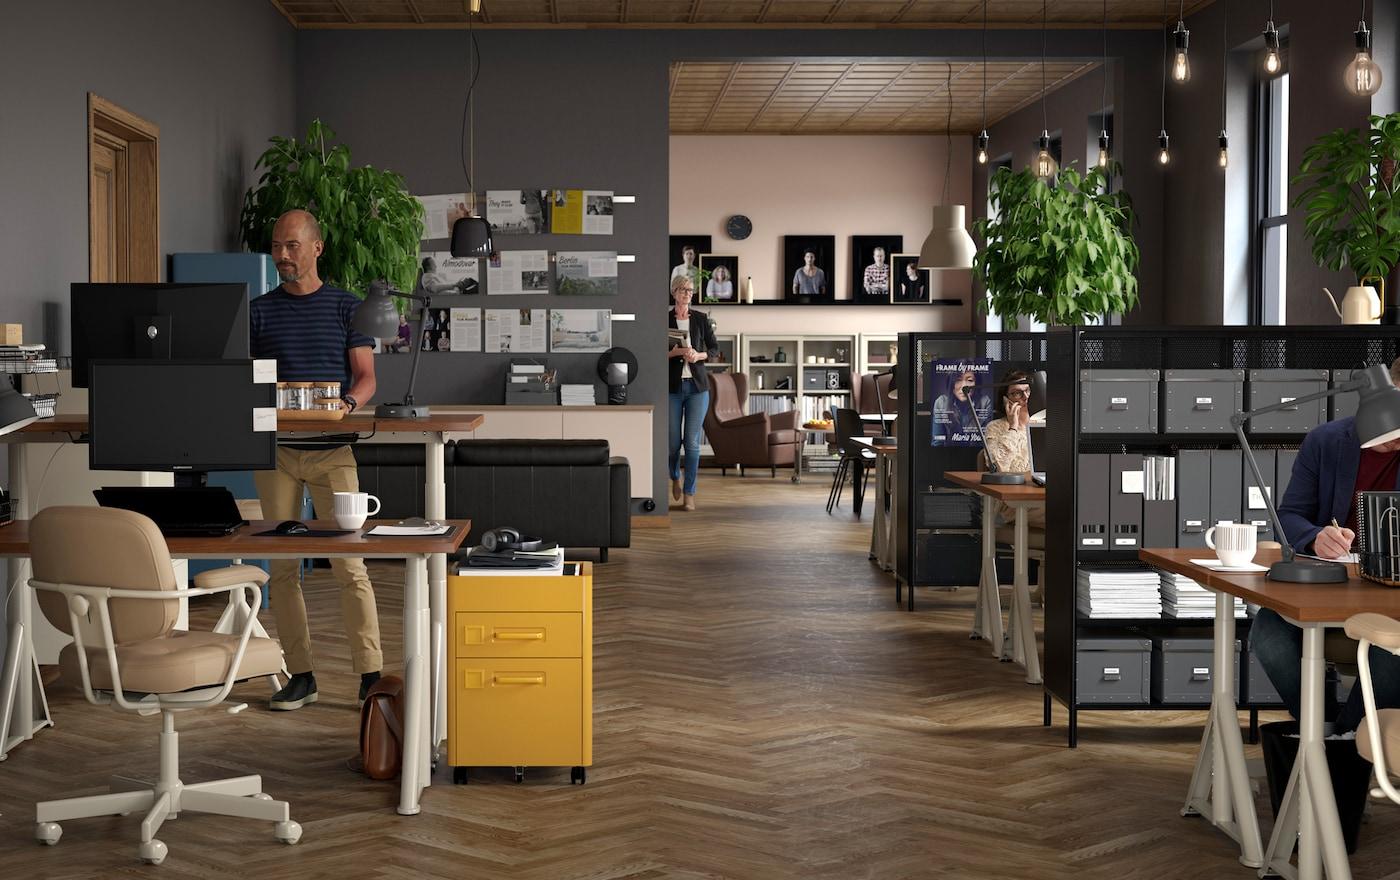 مساحة مكتبية مشتركة بها مكاتب جلوس ووقوف IDÅSEN بني بيج مع كراسي دوارة ALEFJÄLL رمادي فاتح وأدراج مكتب IDÅSEN بني ذهبي.